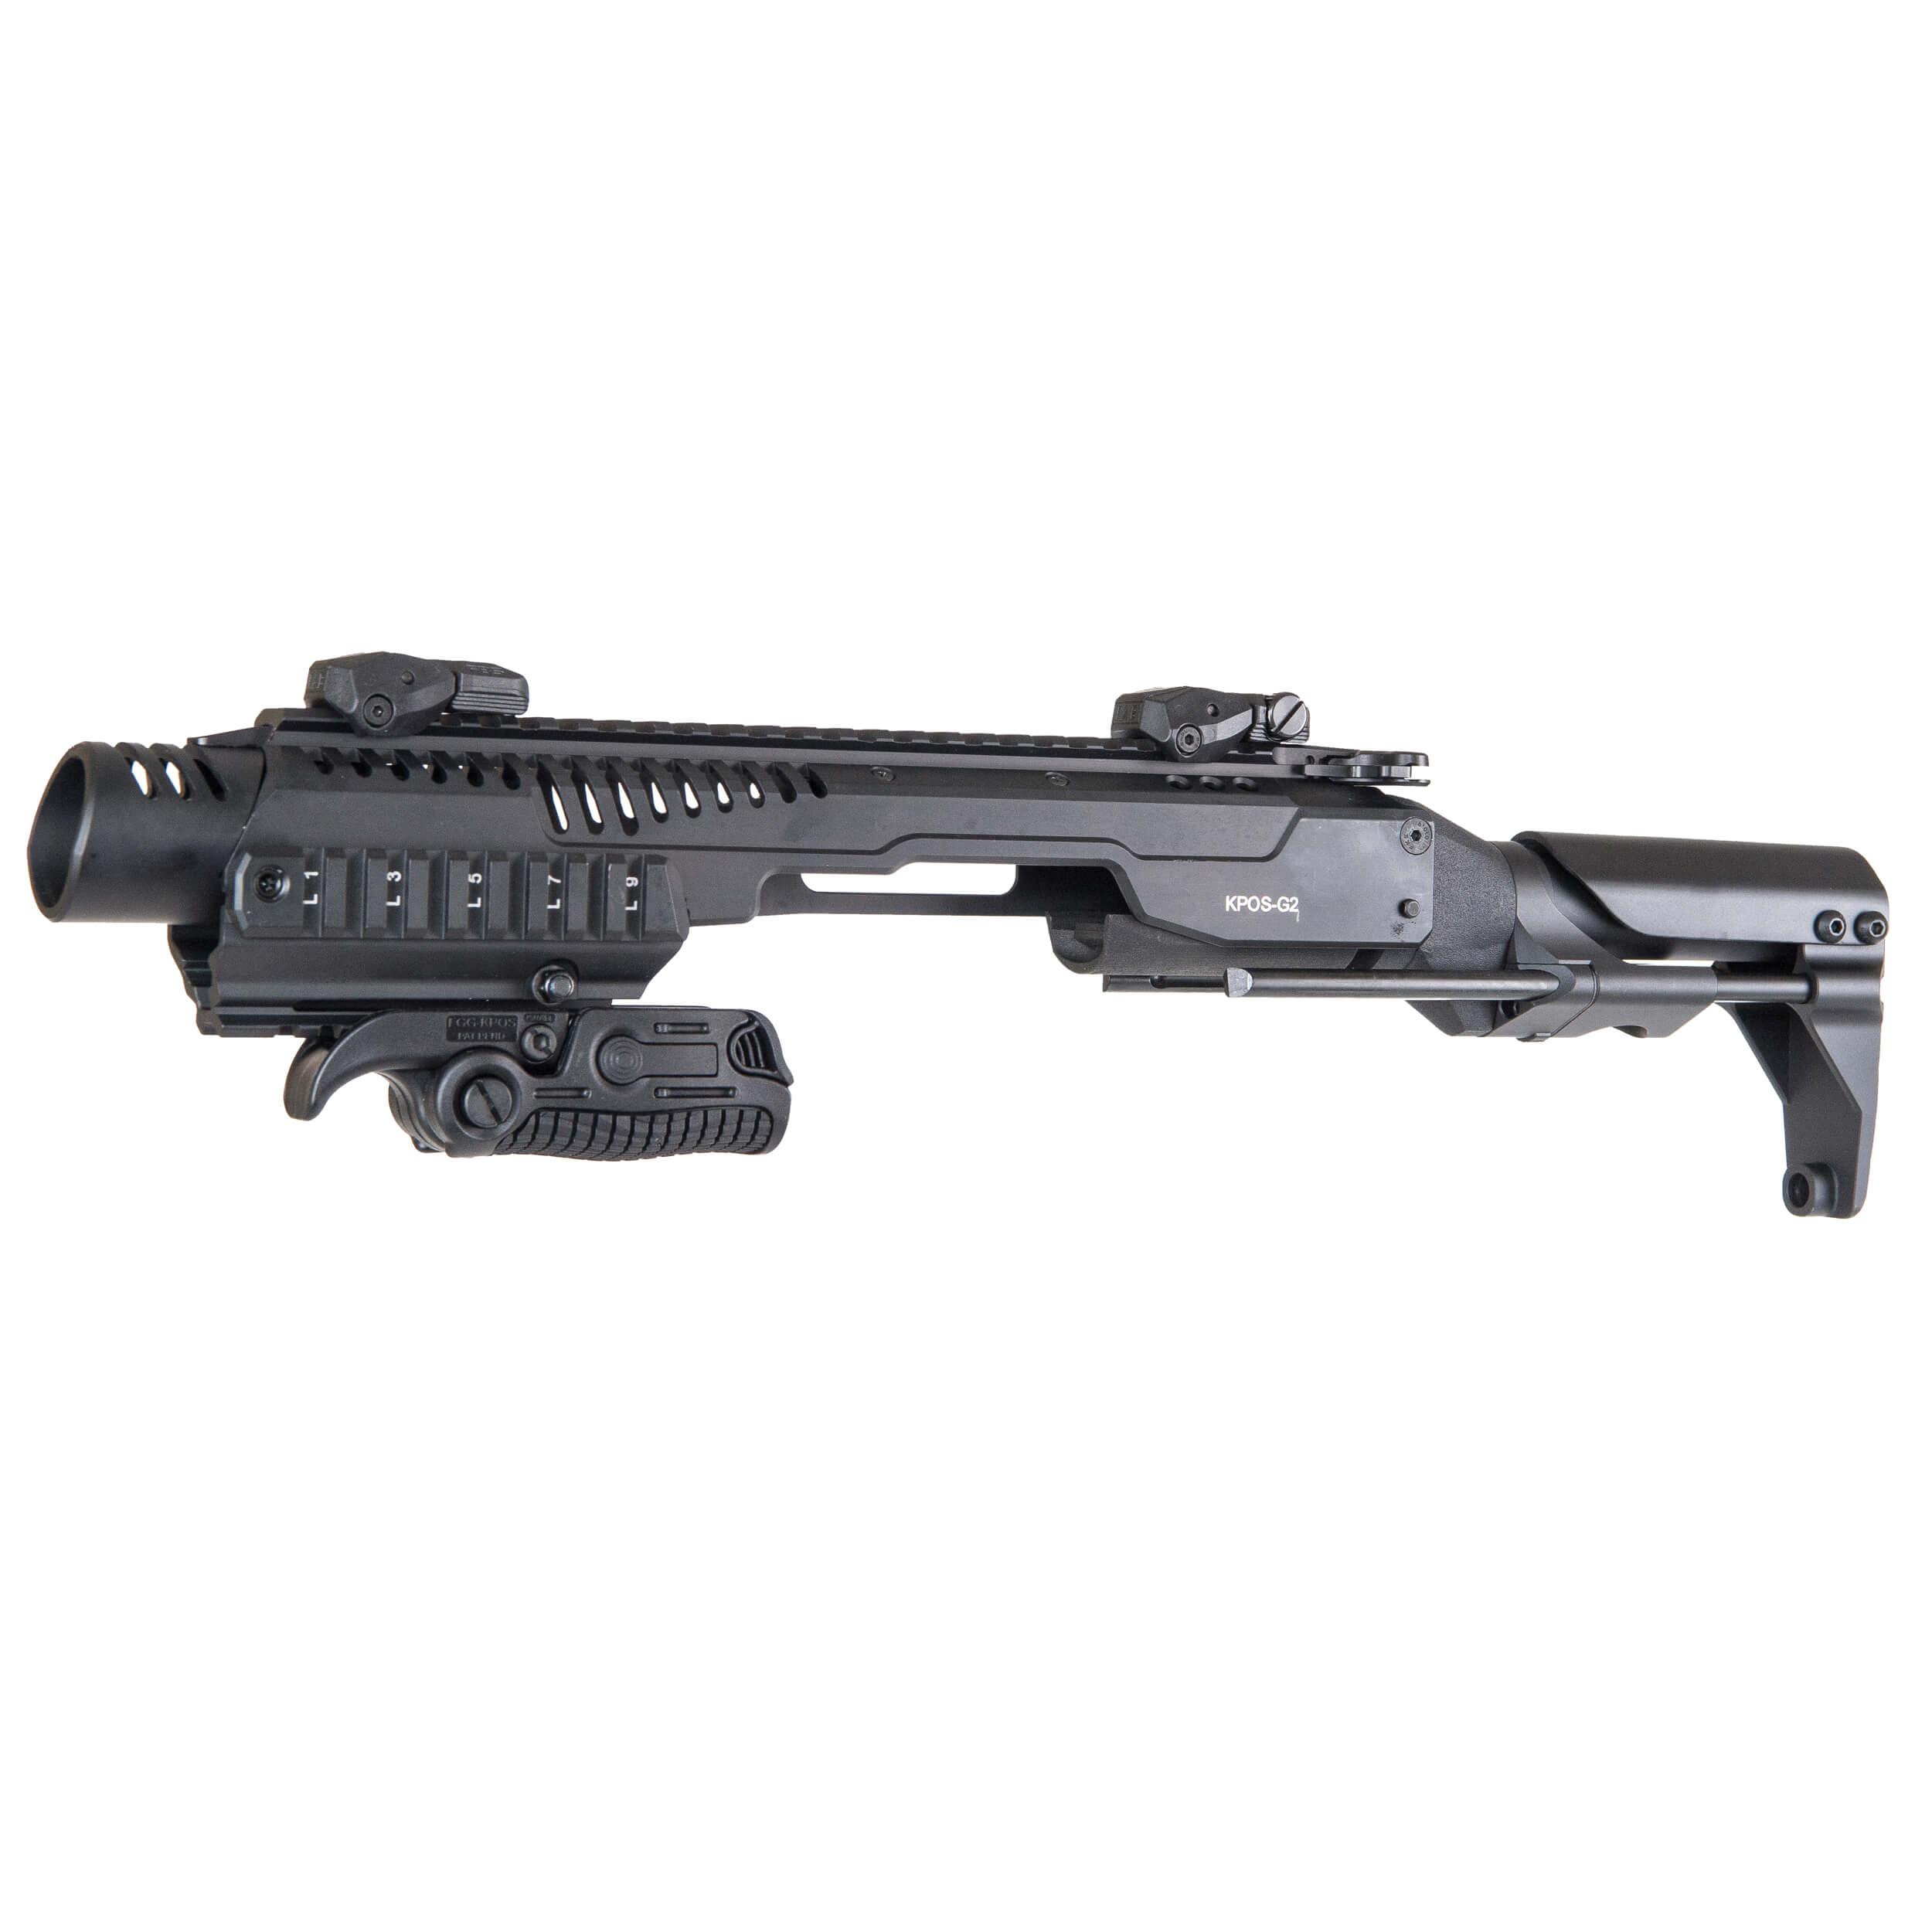 KPOS G2 Sig Sauer P226 LDC PDW-Stock